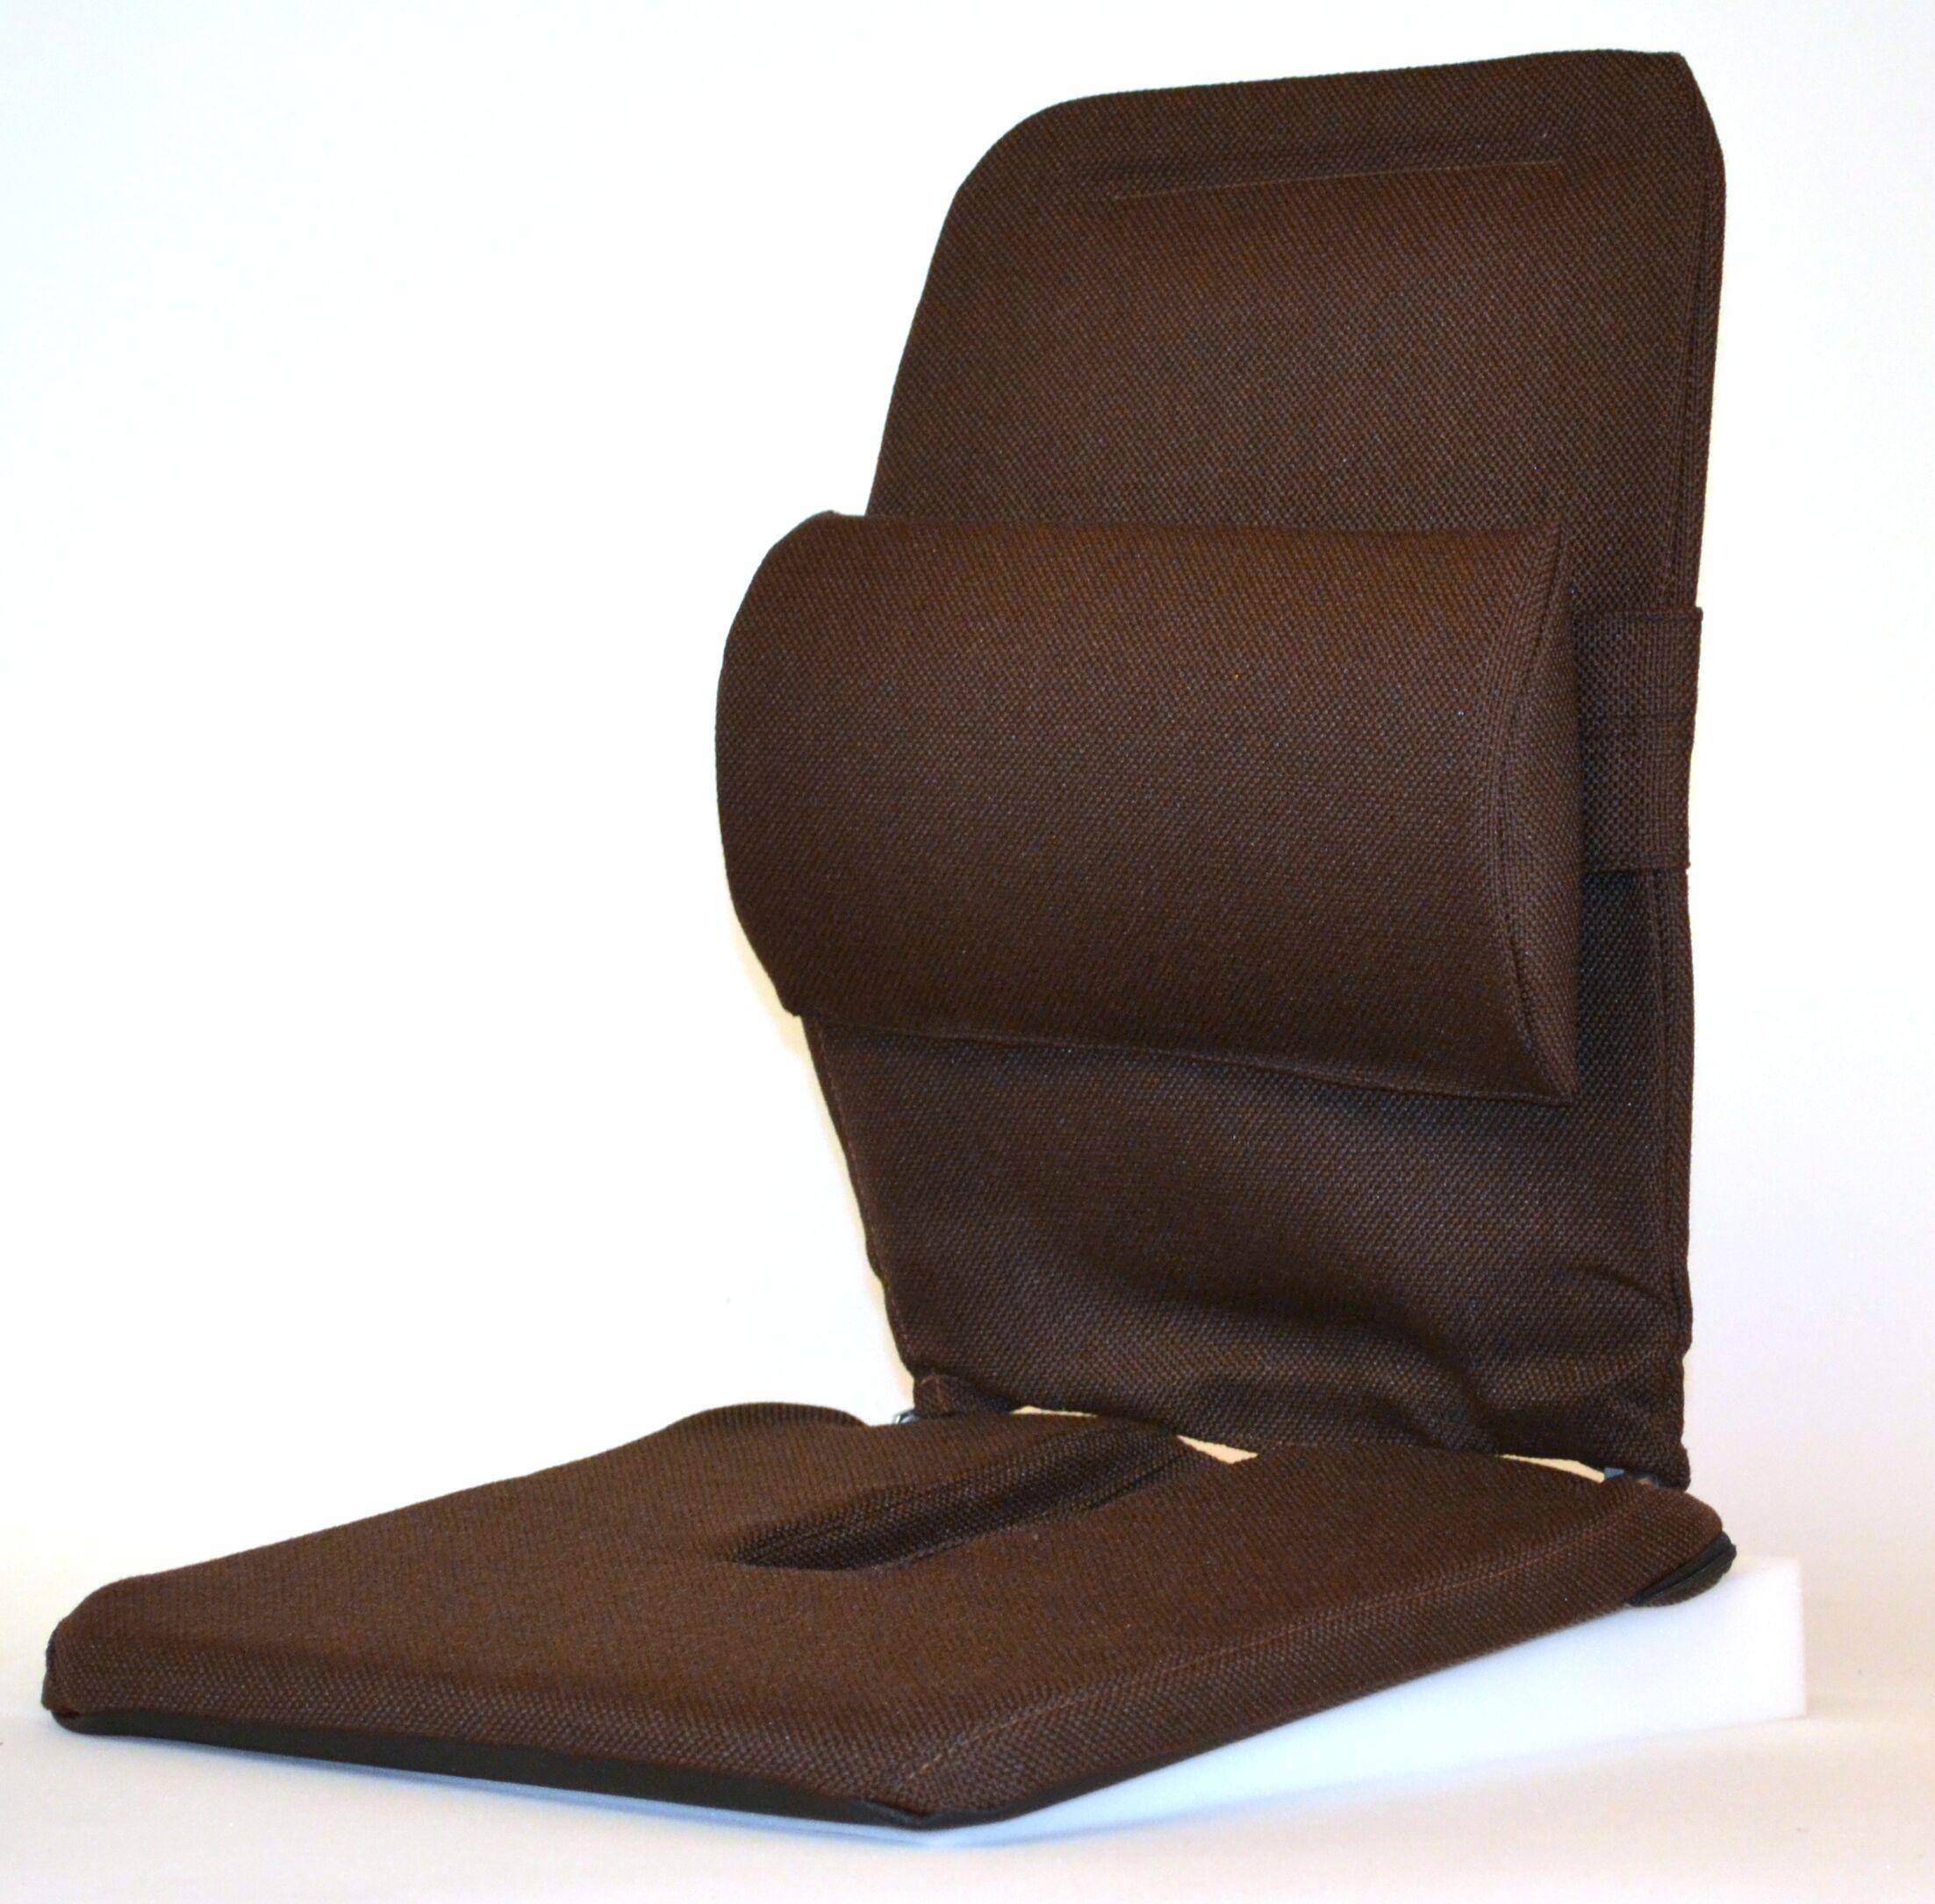 Bucket Seat Back Cushion Finish: Brown